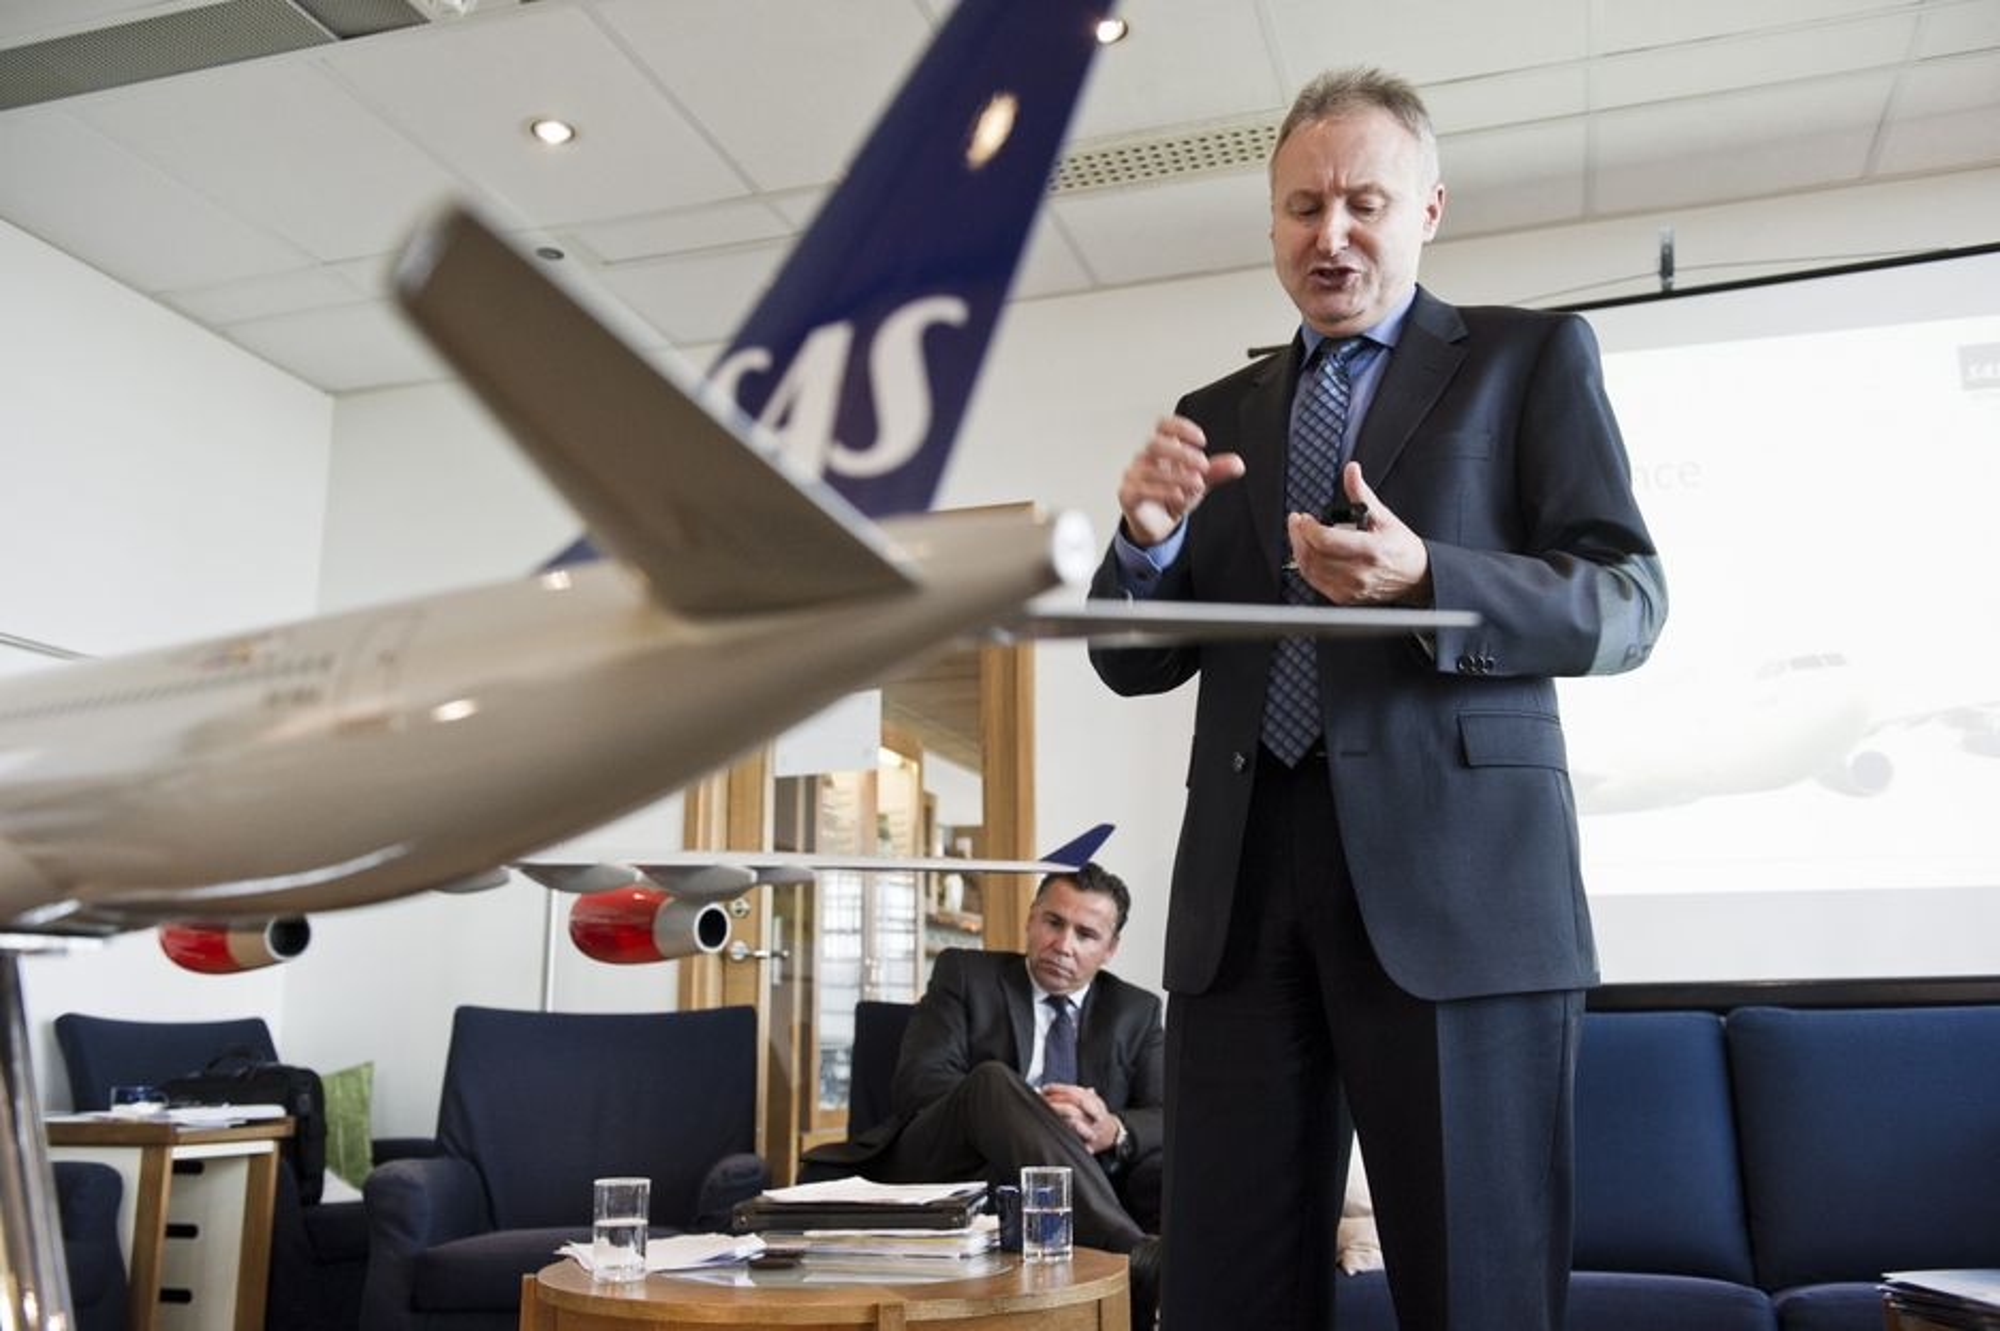 DYRT SAMARBEID: Ifølge den franske avisa Le Monde har EU-kommisjonen ilagt SAS en bot på 565 millioner kroner for ulovlig prissamarbeid om flyfrakt. Her fungerende konsernsjef i SAS, John Dueholm, under presentasjonen av flyselskapets nye satsinger i forrige måned.